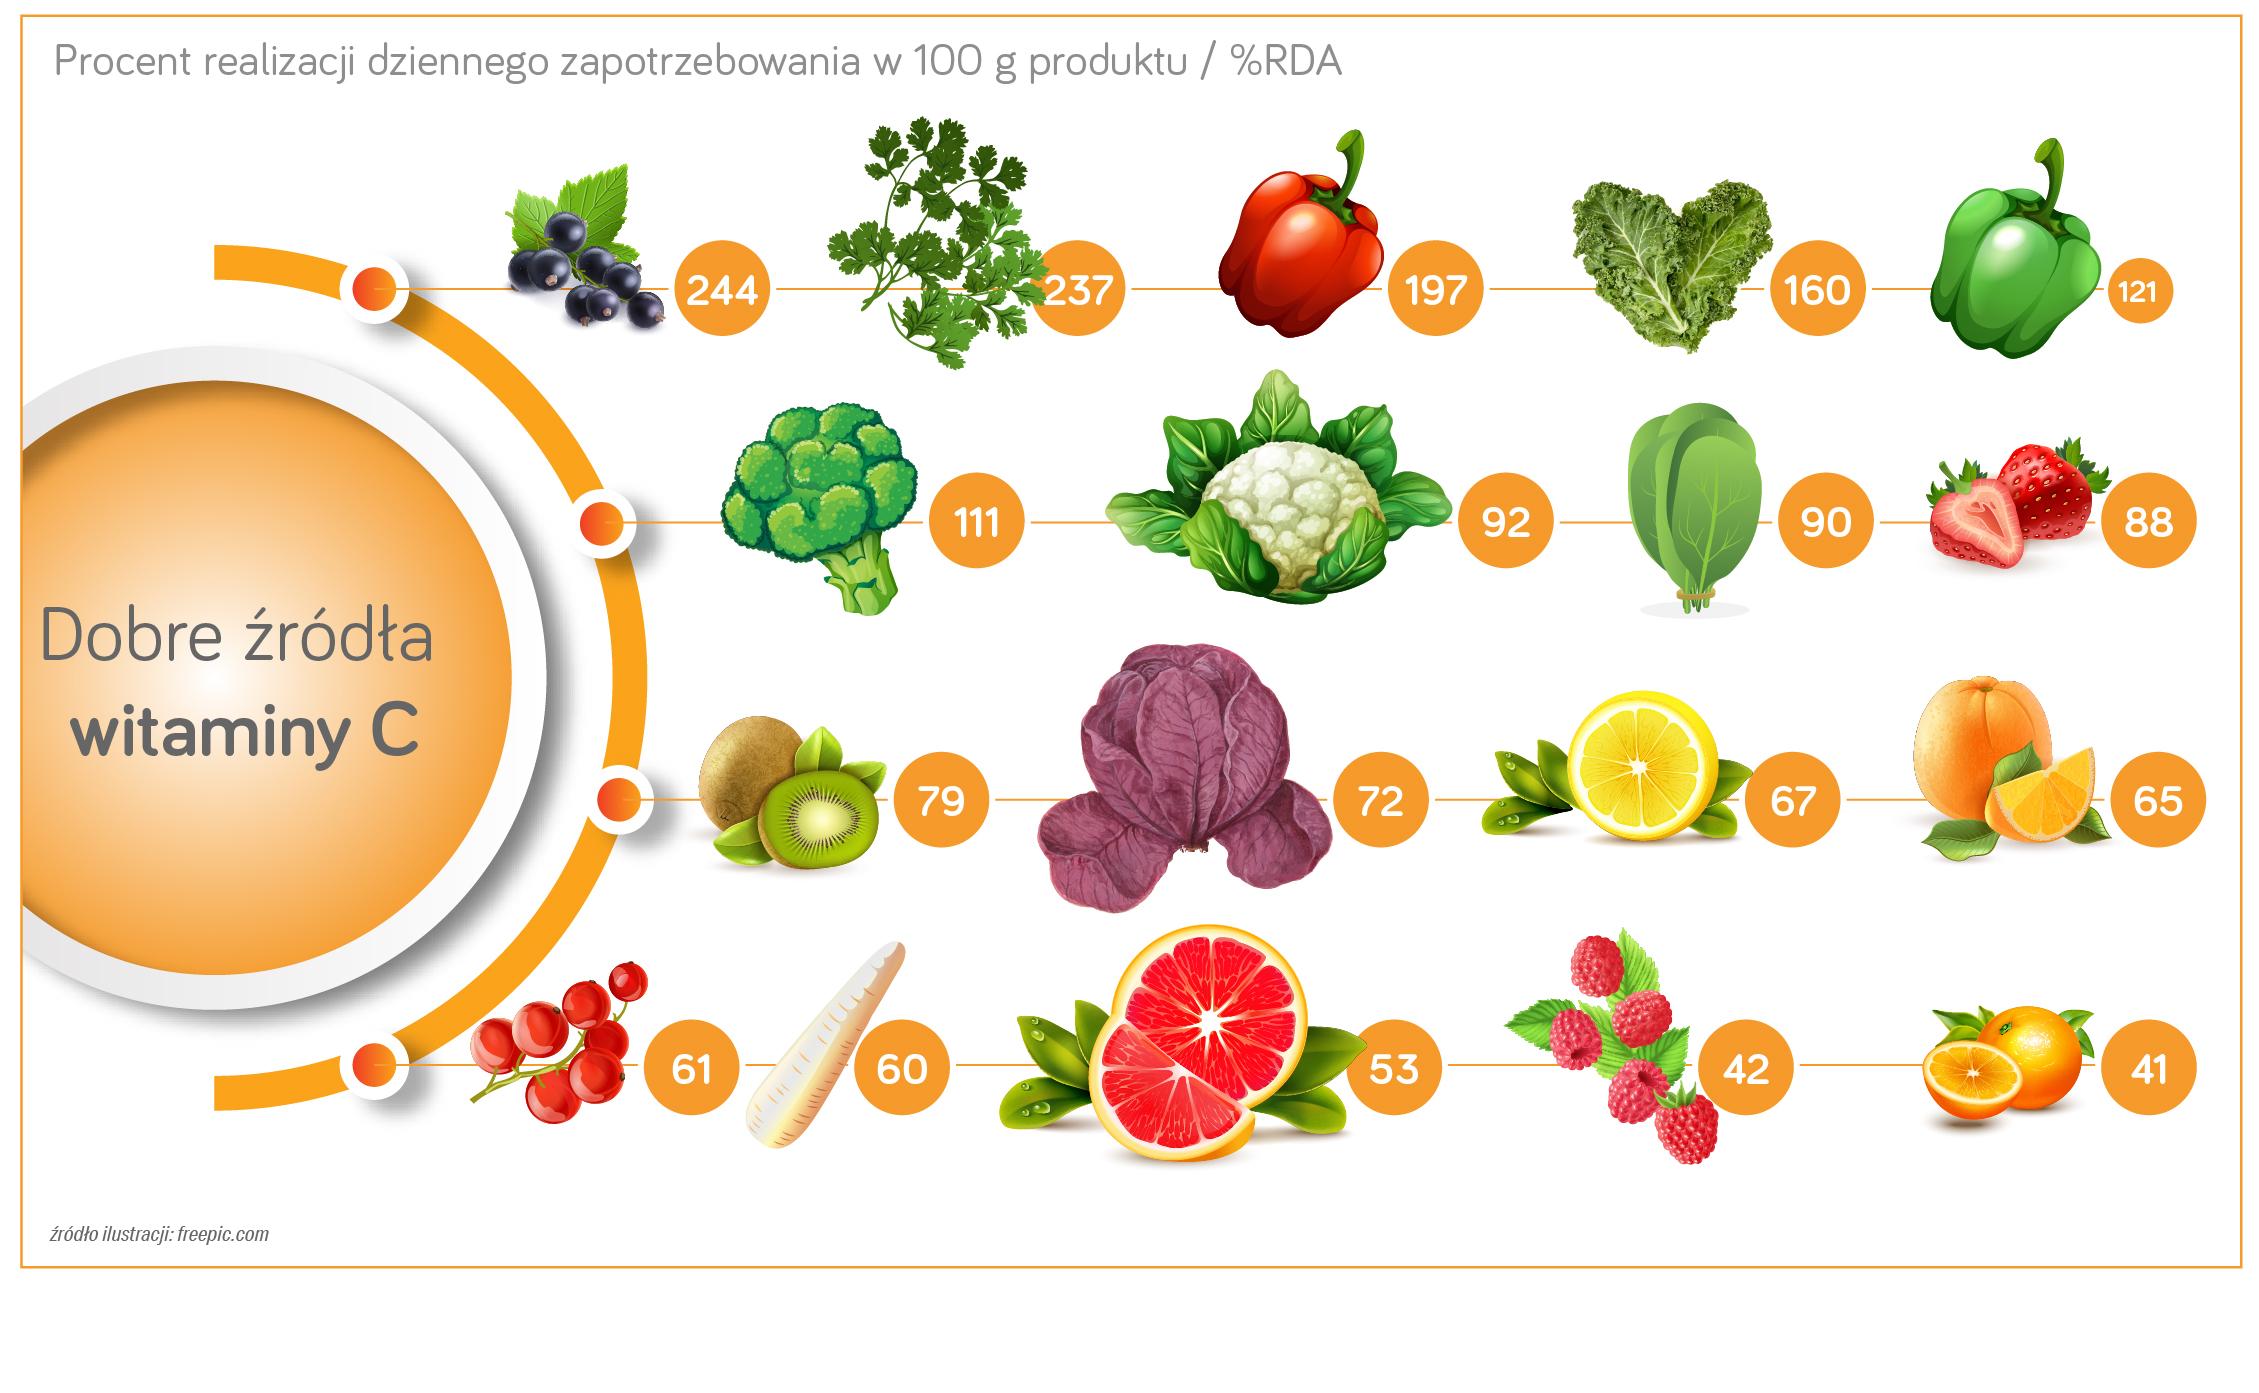 Co trzeba często jeść żeby schudnąć